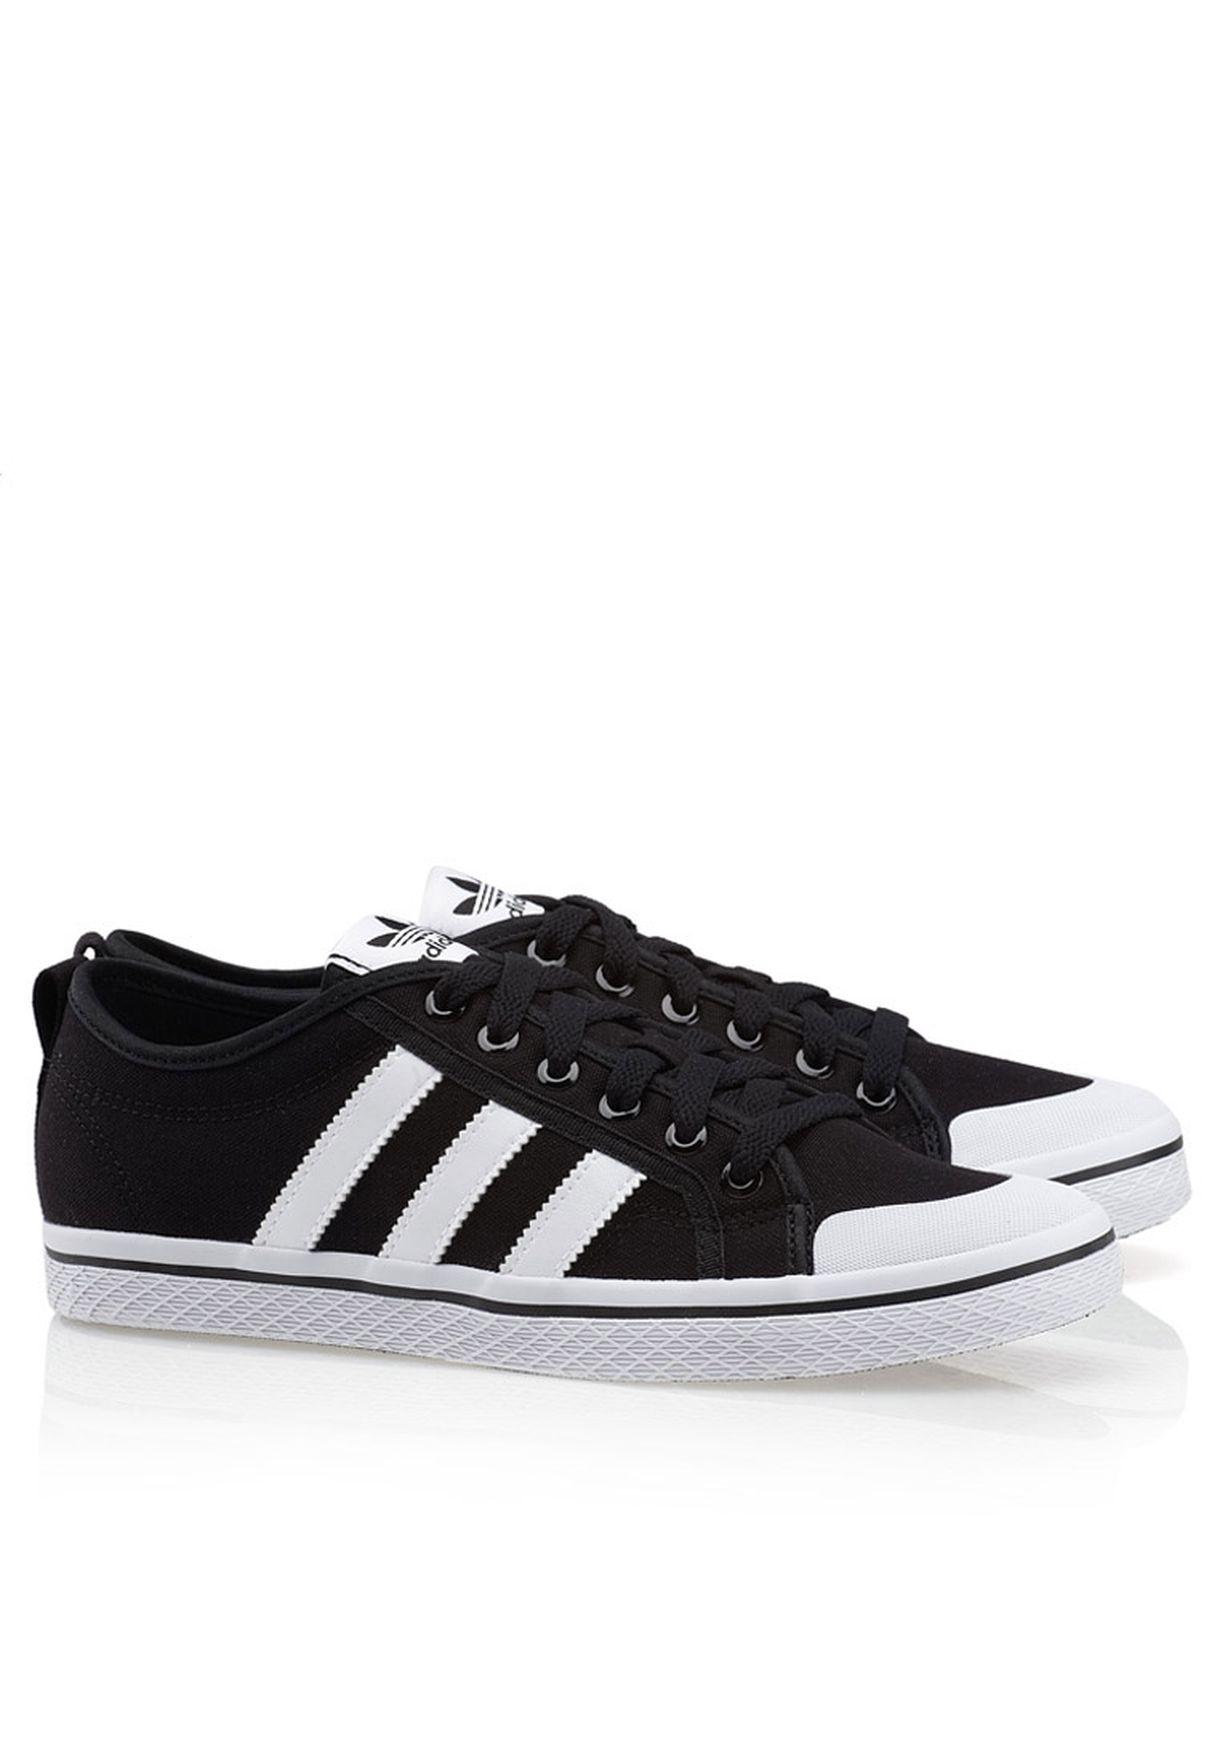 a5a240ec656 Shop adidas Originals black Honey Stripes Sneakers G43669 for Women in  Qatar - AD478SH20RRR